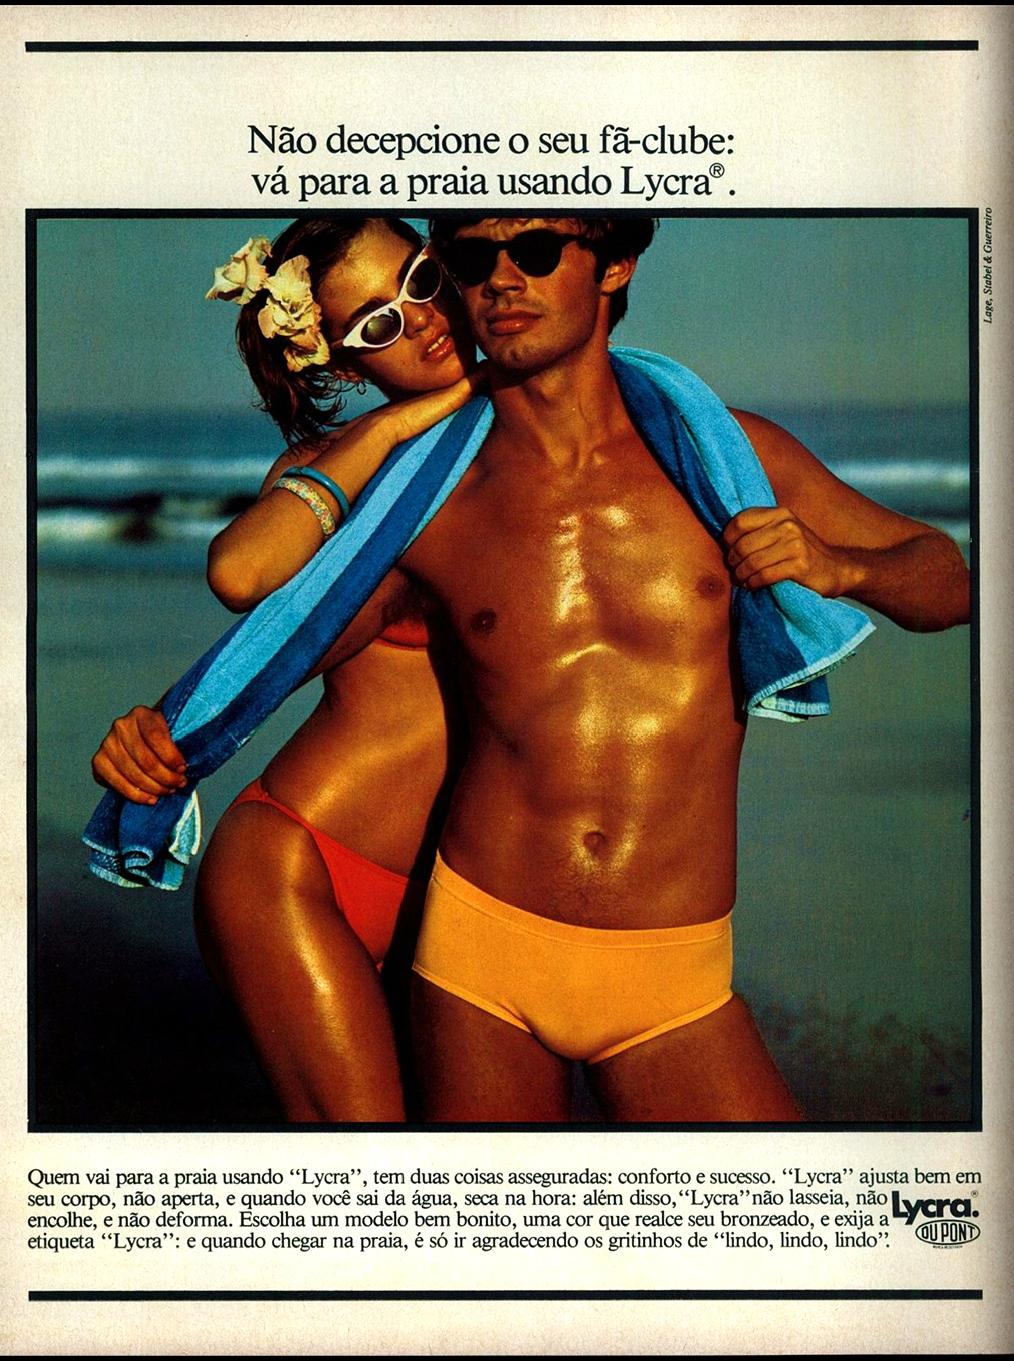 Propaganda antiga da Moda Praia da Lycra apresentado no final dos anos 70